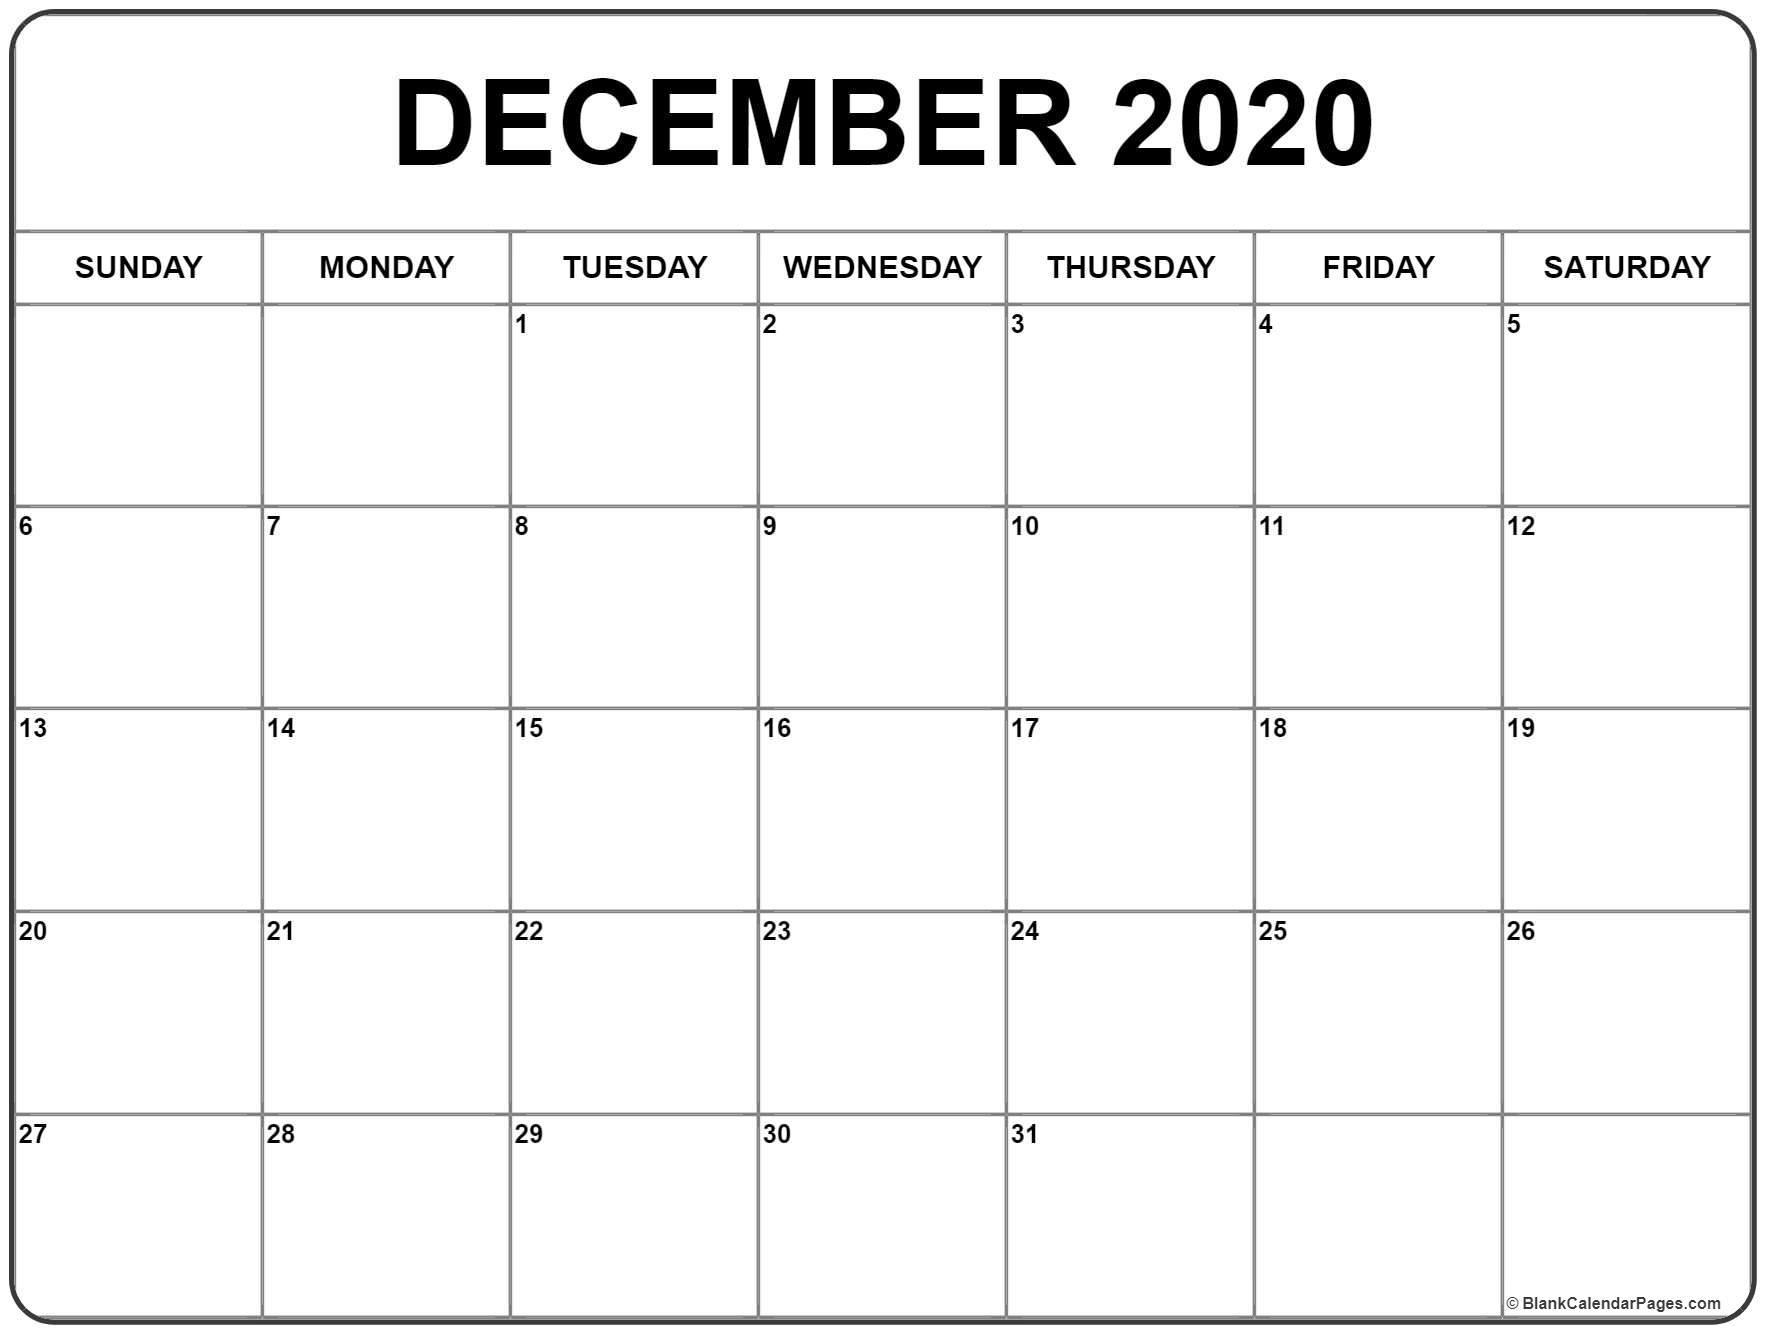 Blank Calendar For December 2020 - Wpa.wpart.co